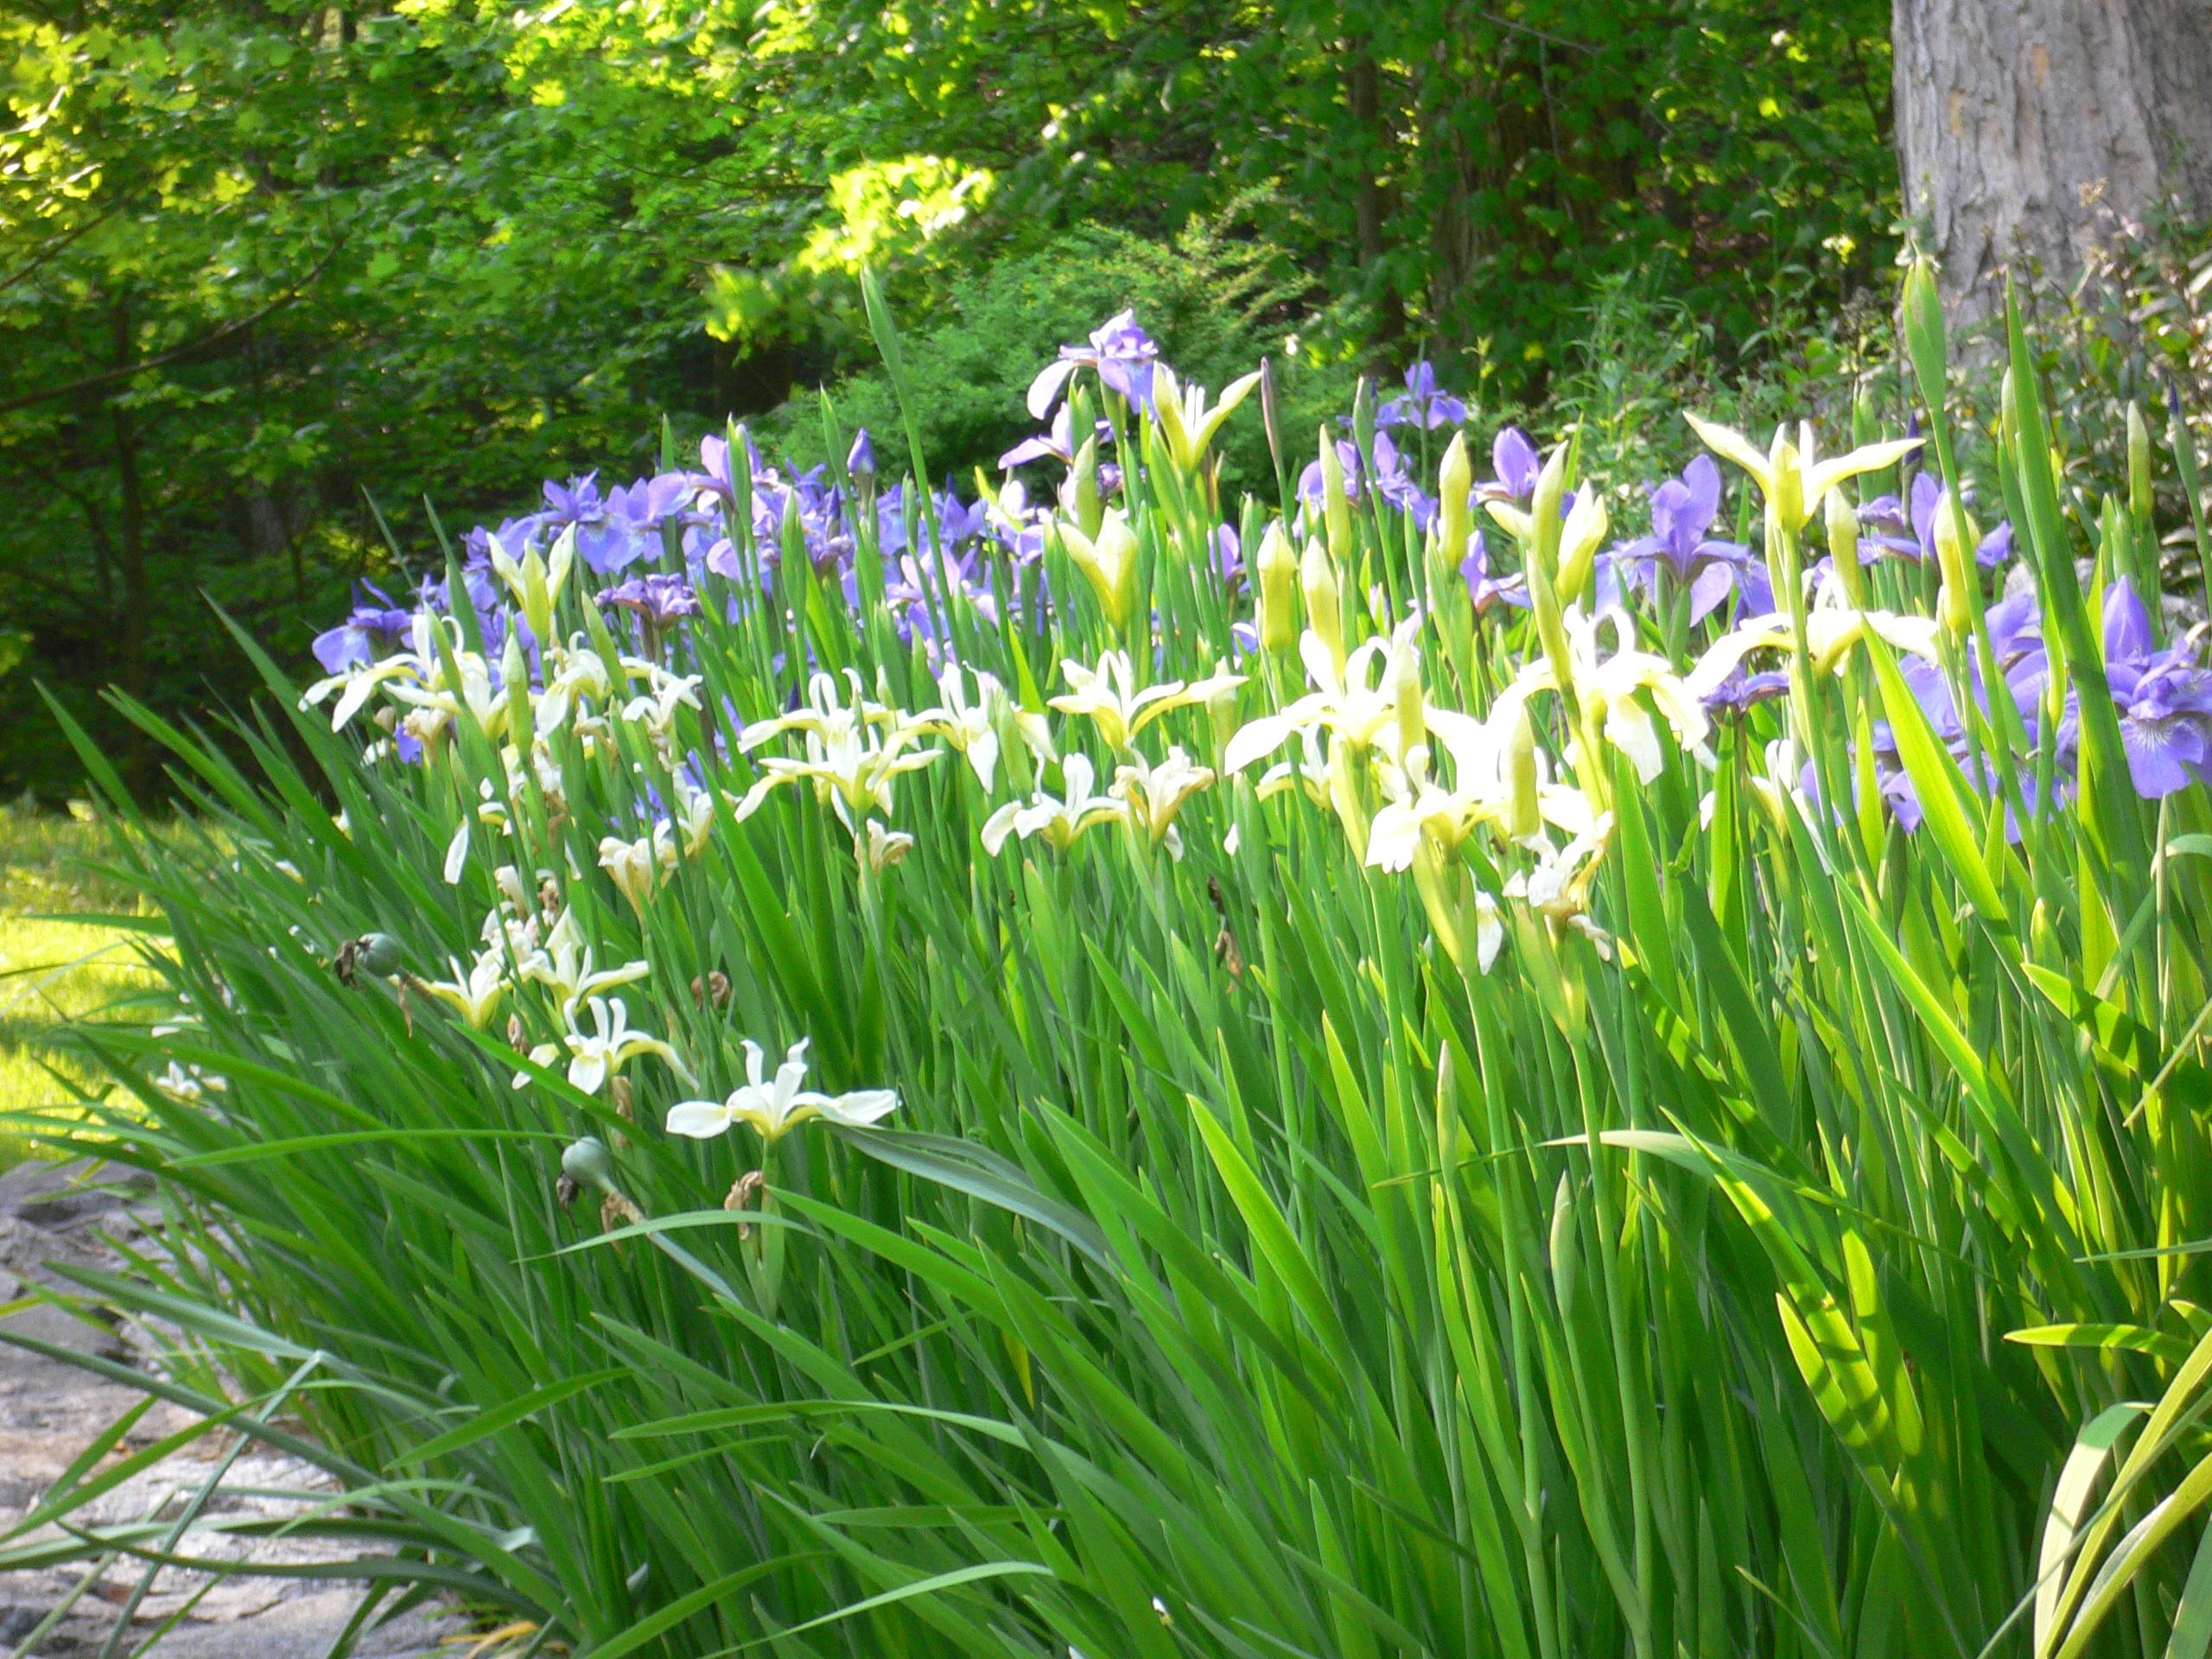 Siberian irises garden engineer why izmirmasajfo